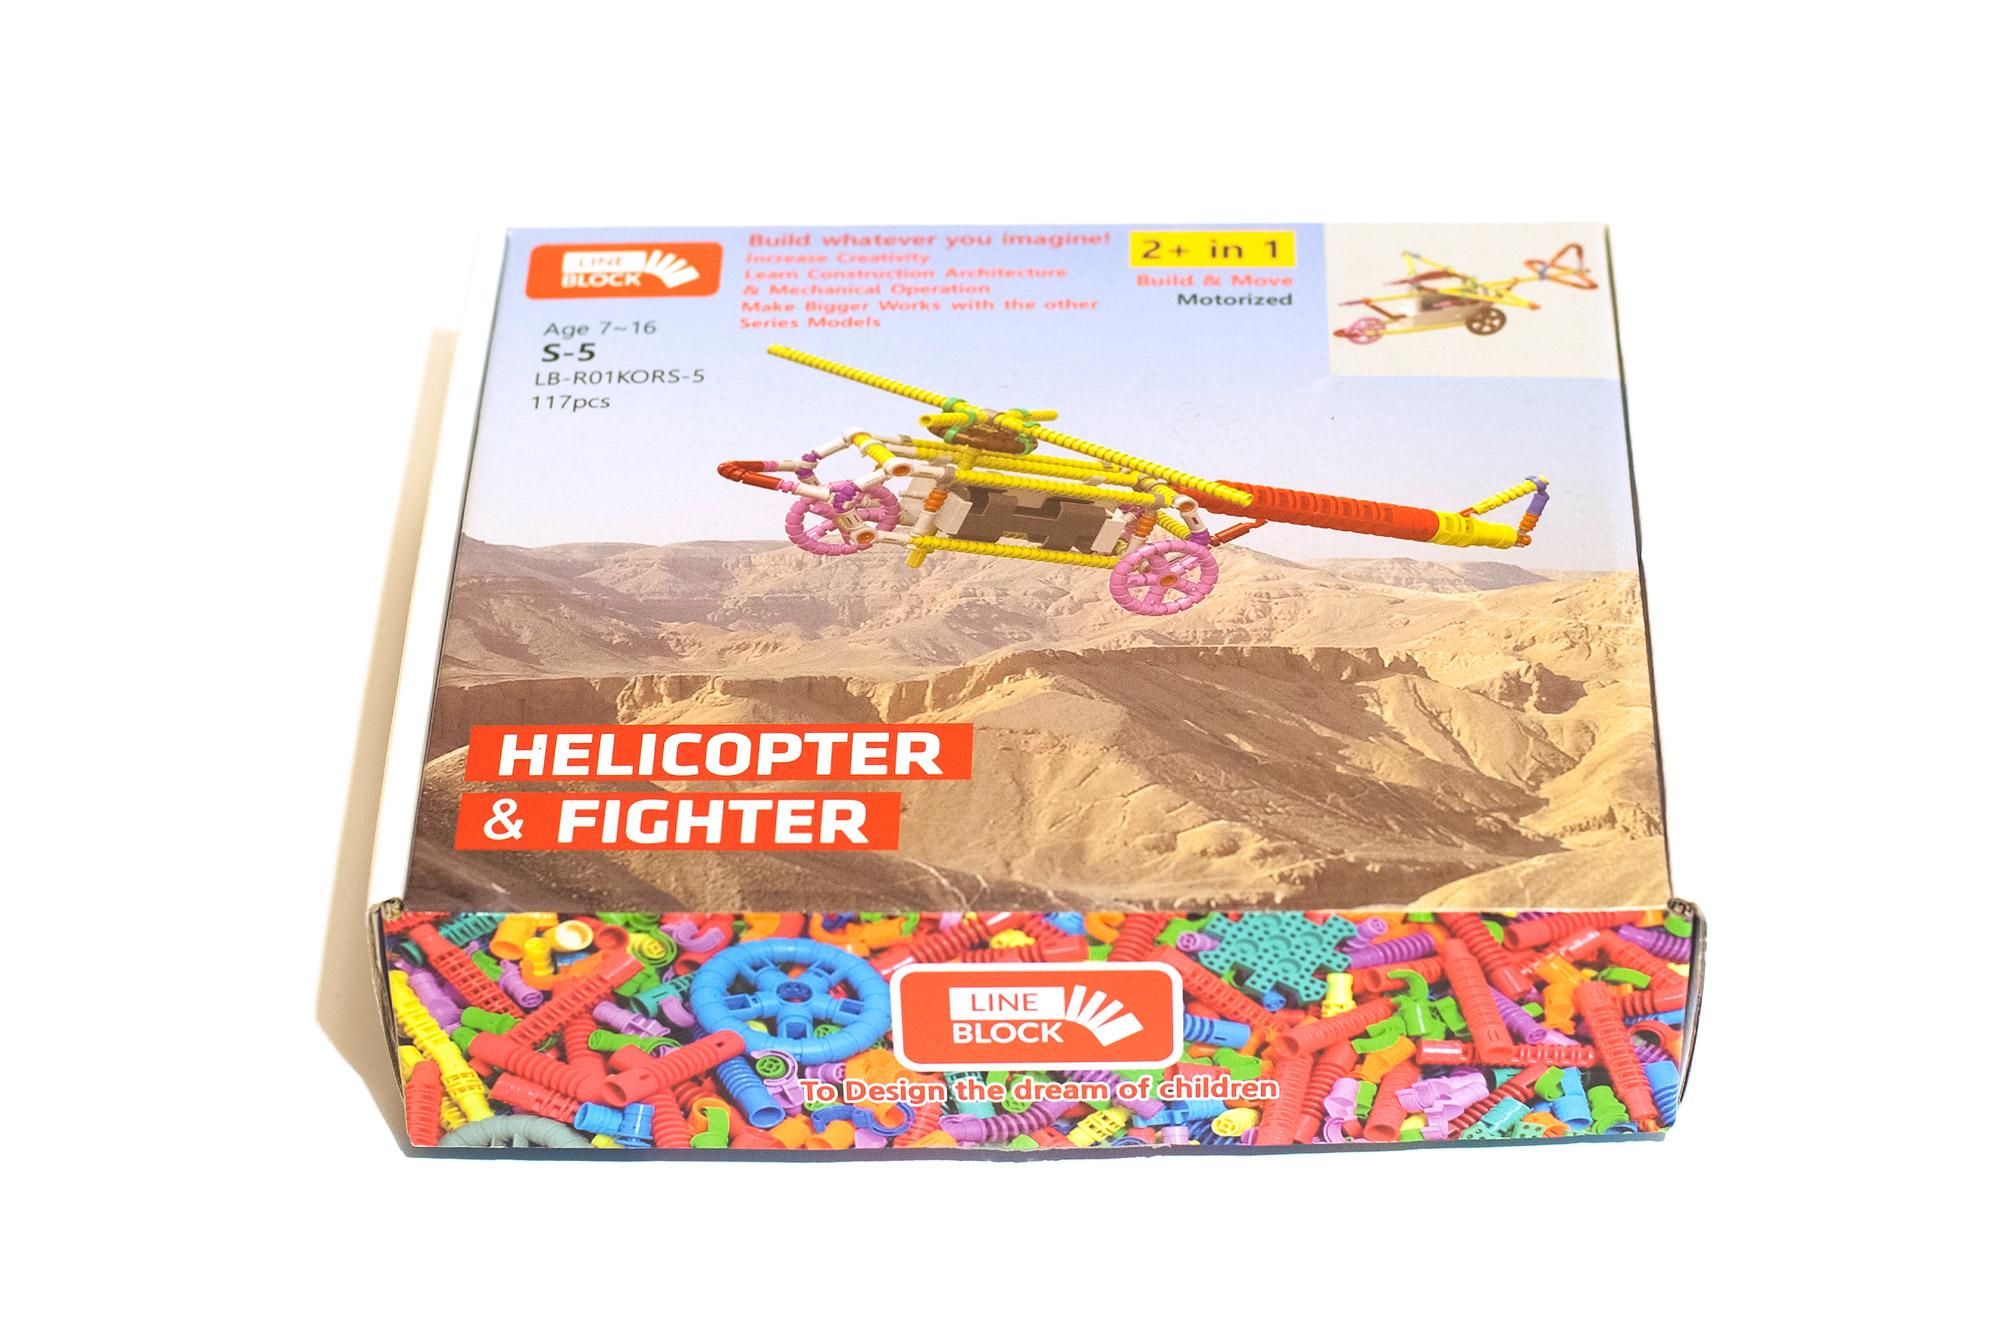 Купить Конструктор LineBlock 2-в-1 вертолет и истребитель (117 деталей), Конструктор LineBlock 2-в-1 вертолет и истребитель, 117 деталей,